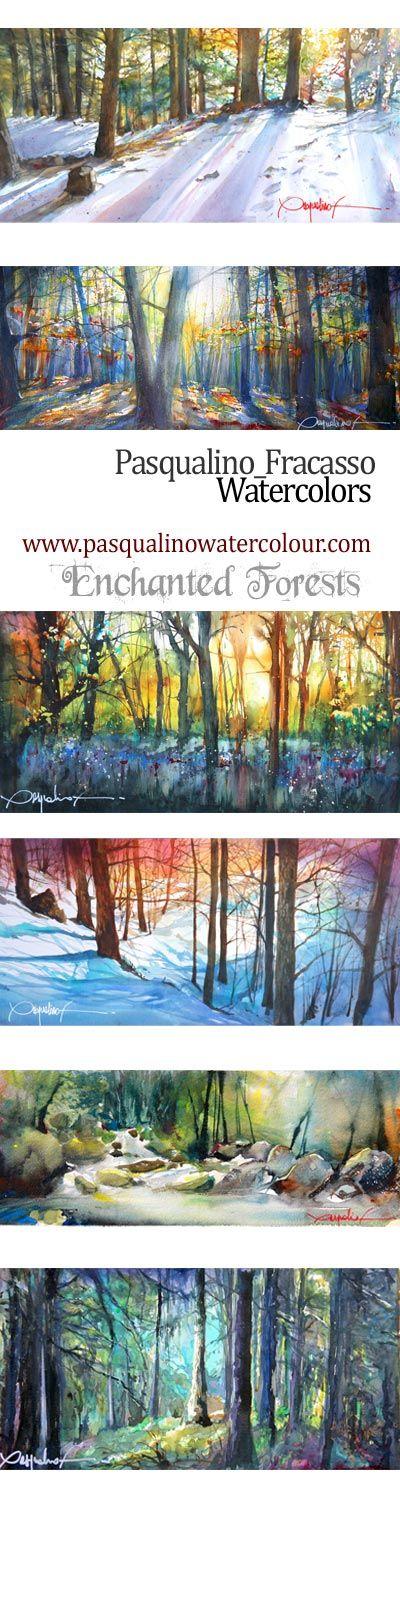 forest#landscape#watercolor#art#paintings www.pasqualinowatercolour.com